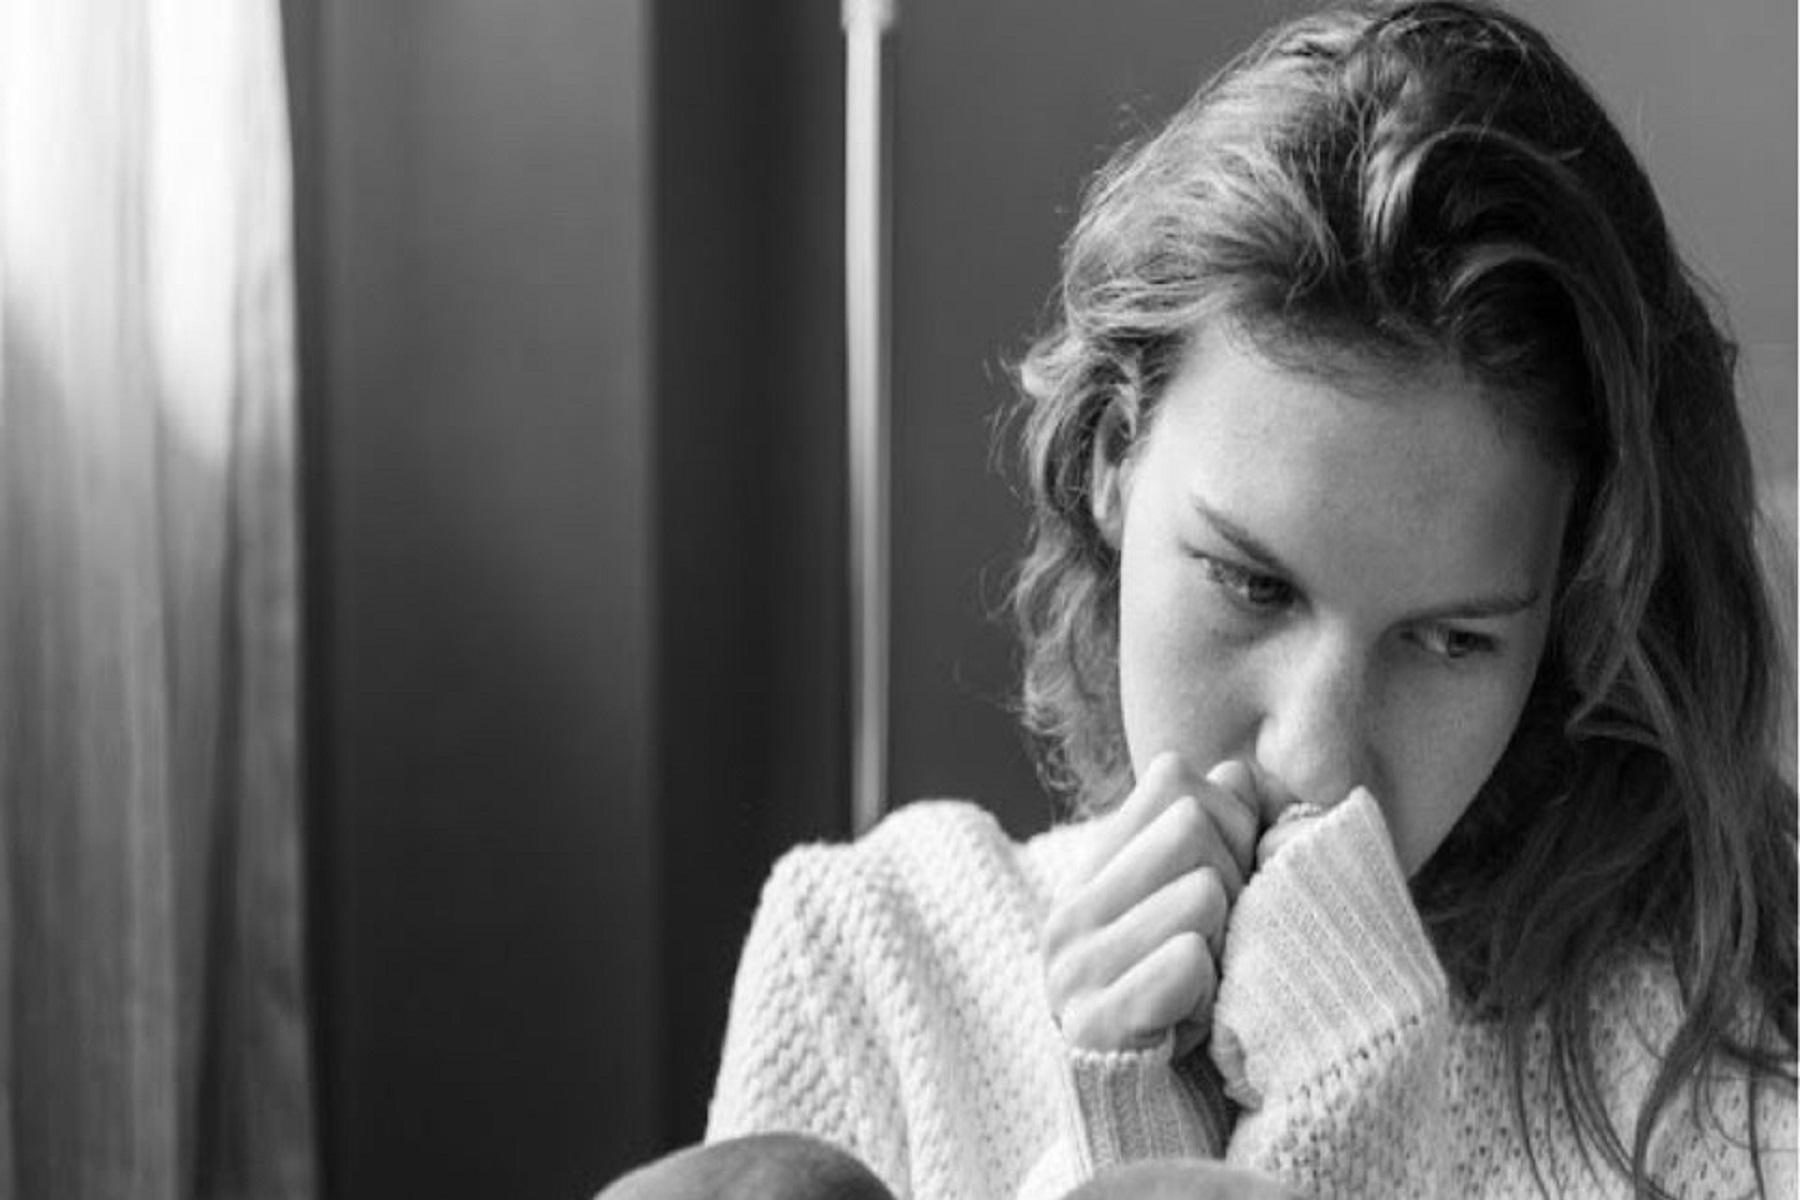 Κατάθλιψη: Οι άνθρωποι με άγχος εμφανίζουν Αλτσχάιμερ σε πιο νεαρή ηλικία